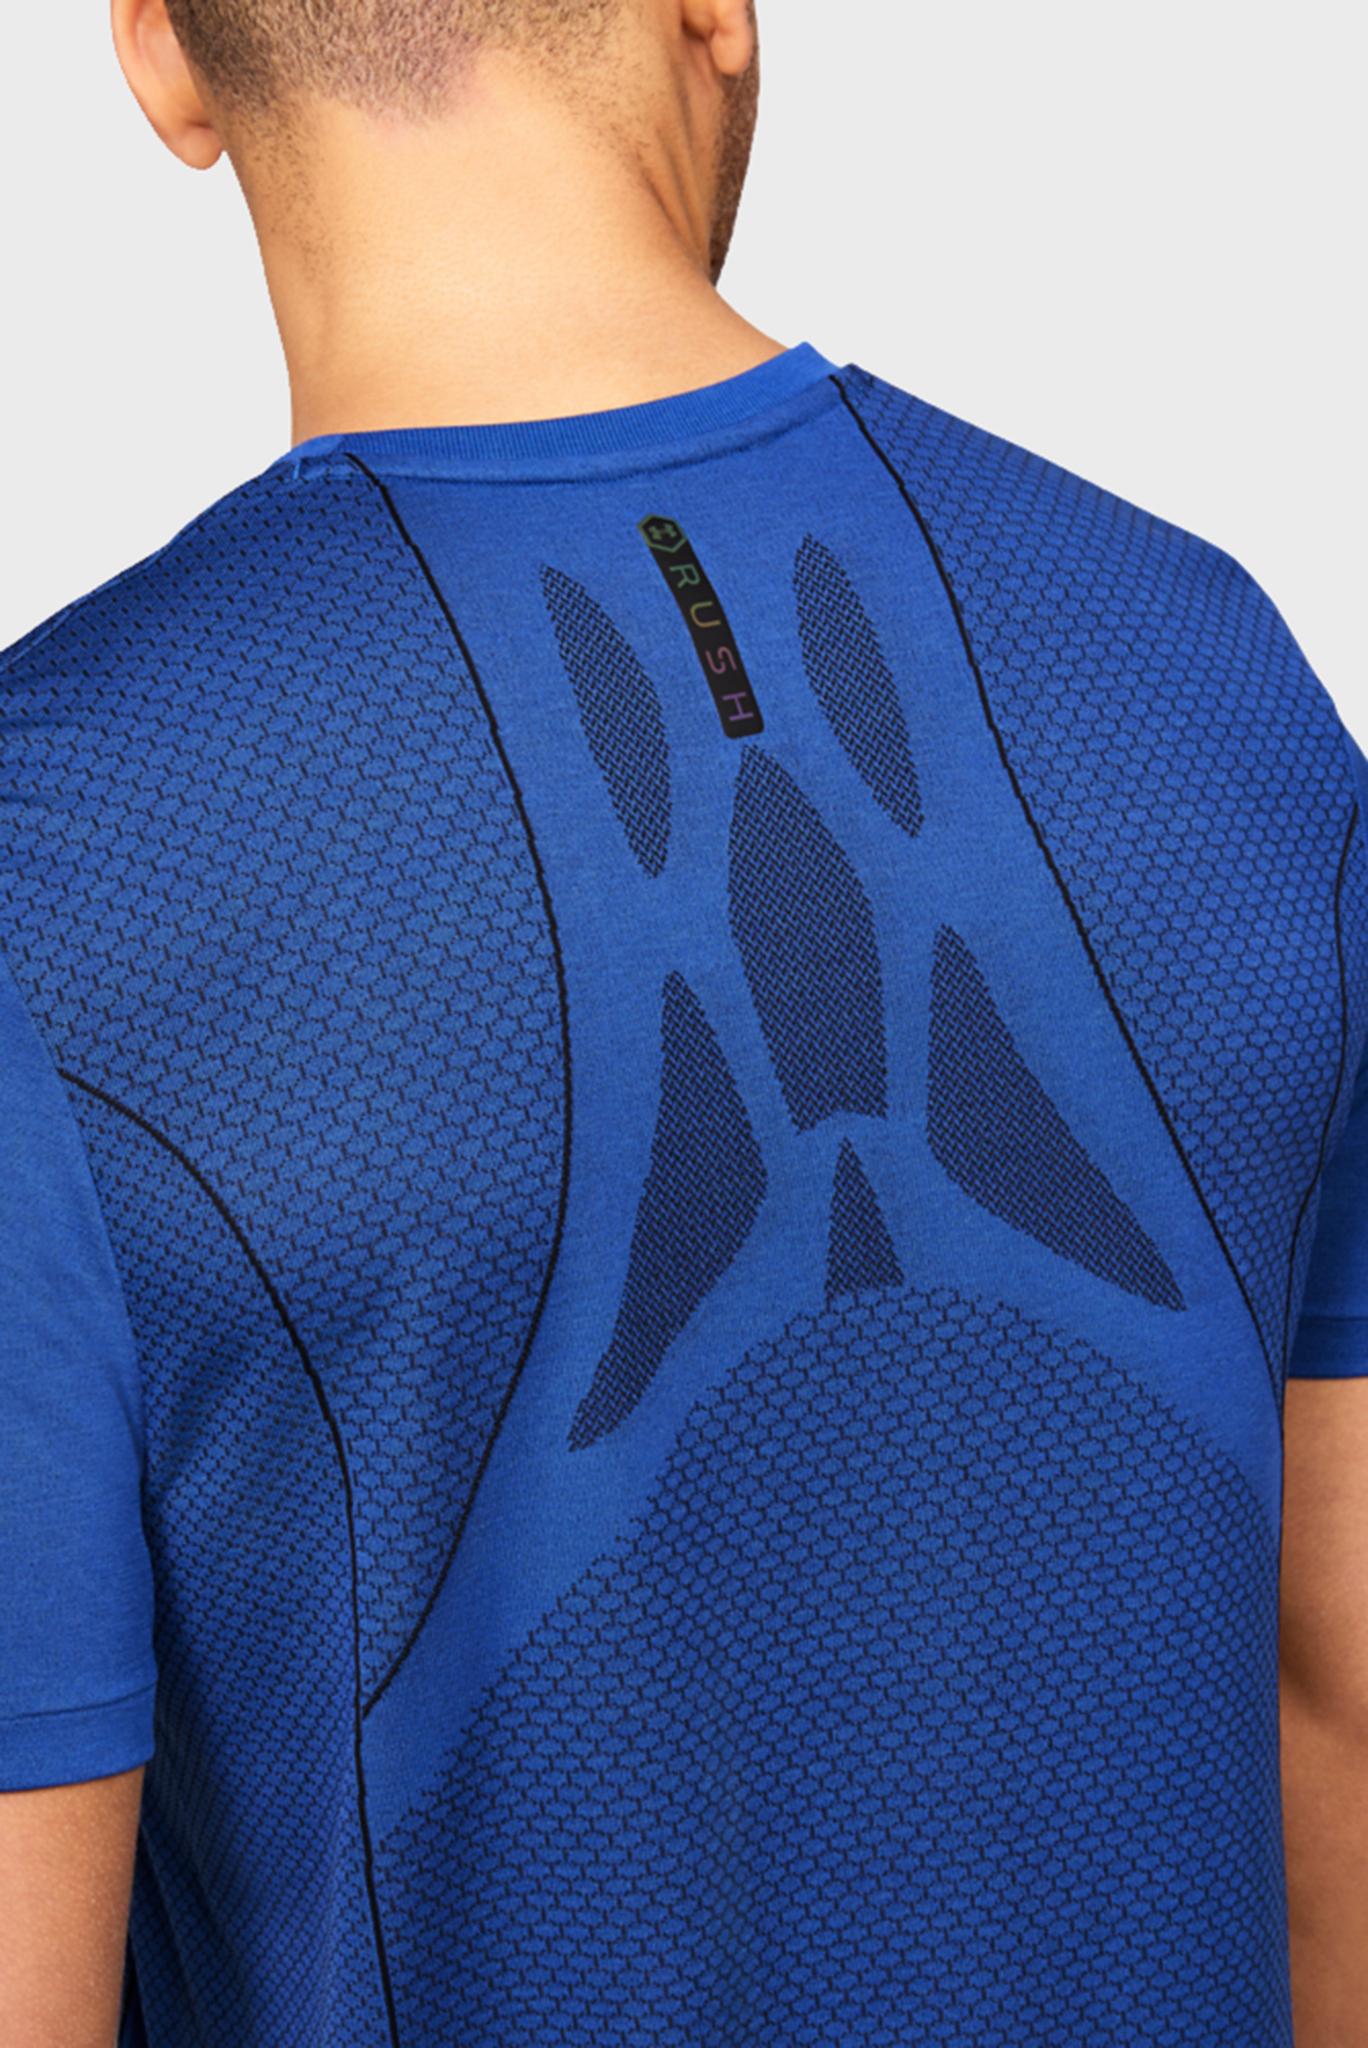 Мужская синяя спортивная футболка Rush HG Seamless Fitted SS Under Armour